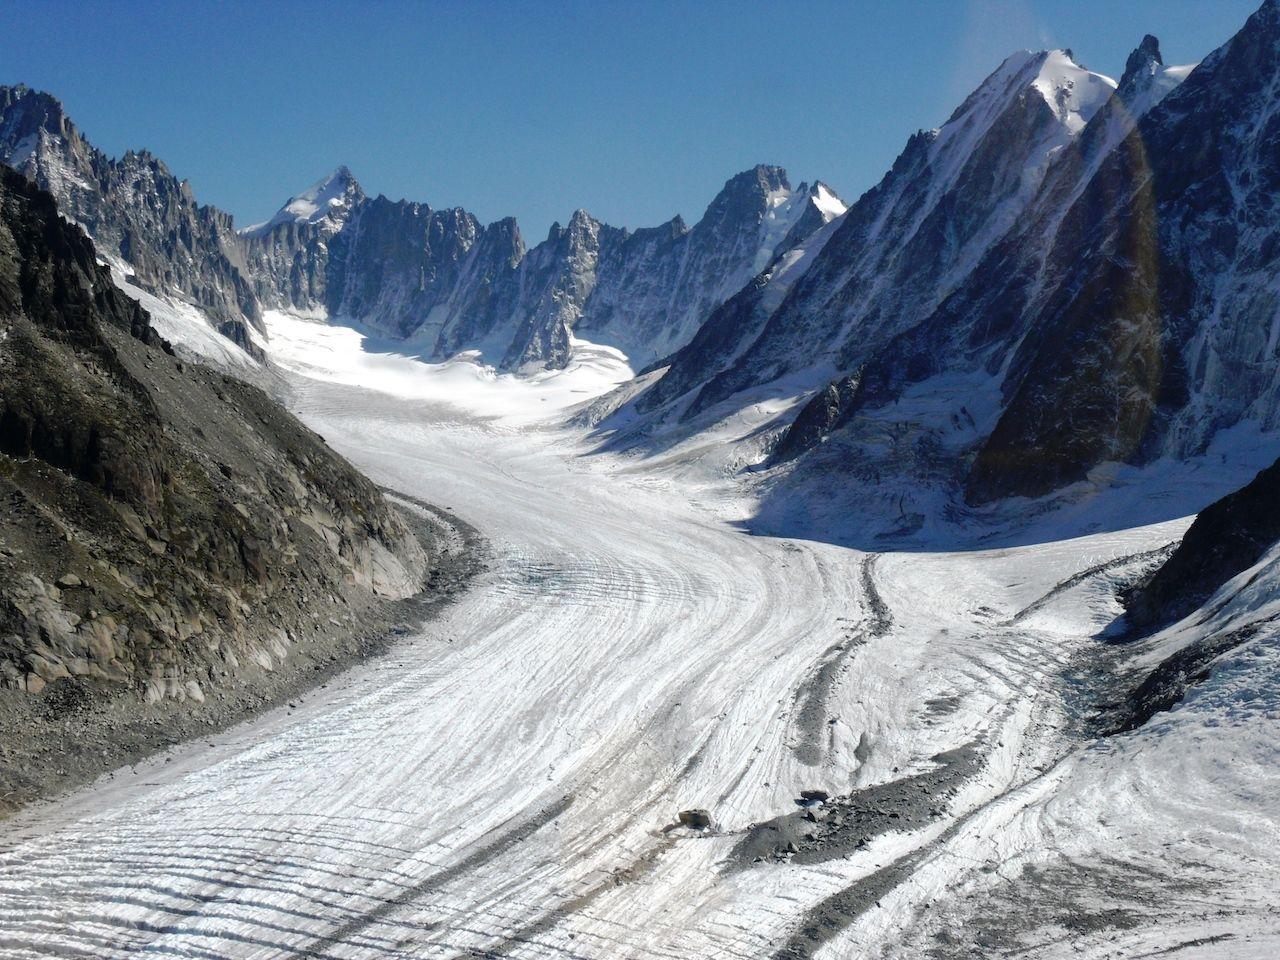 Argentiere-Glacier-Glacier-Hikes-Chamonix-689953603, hikes to glaciers